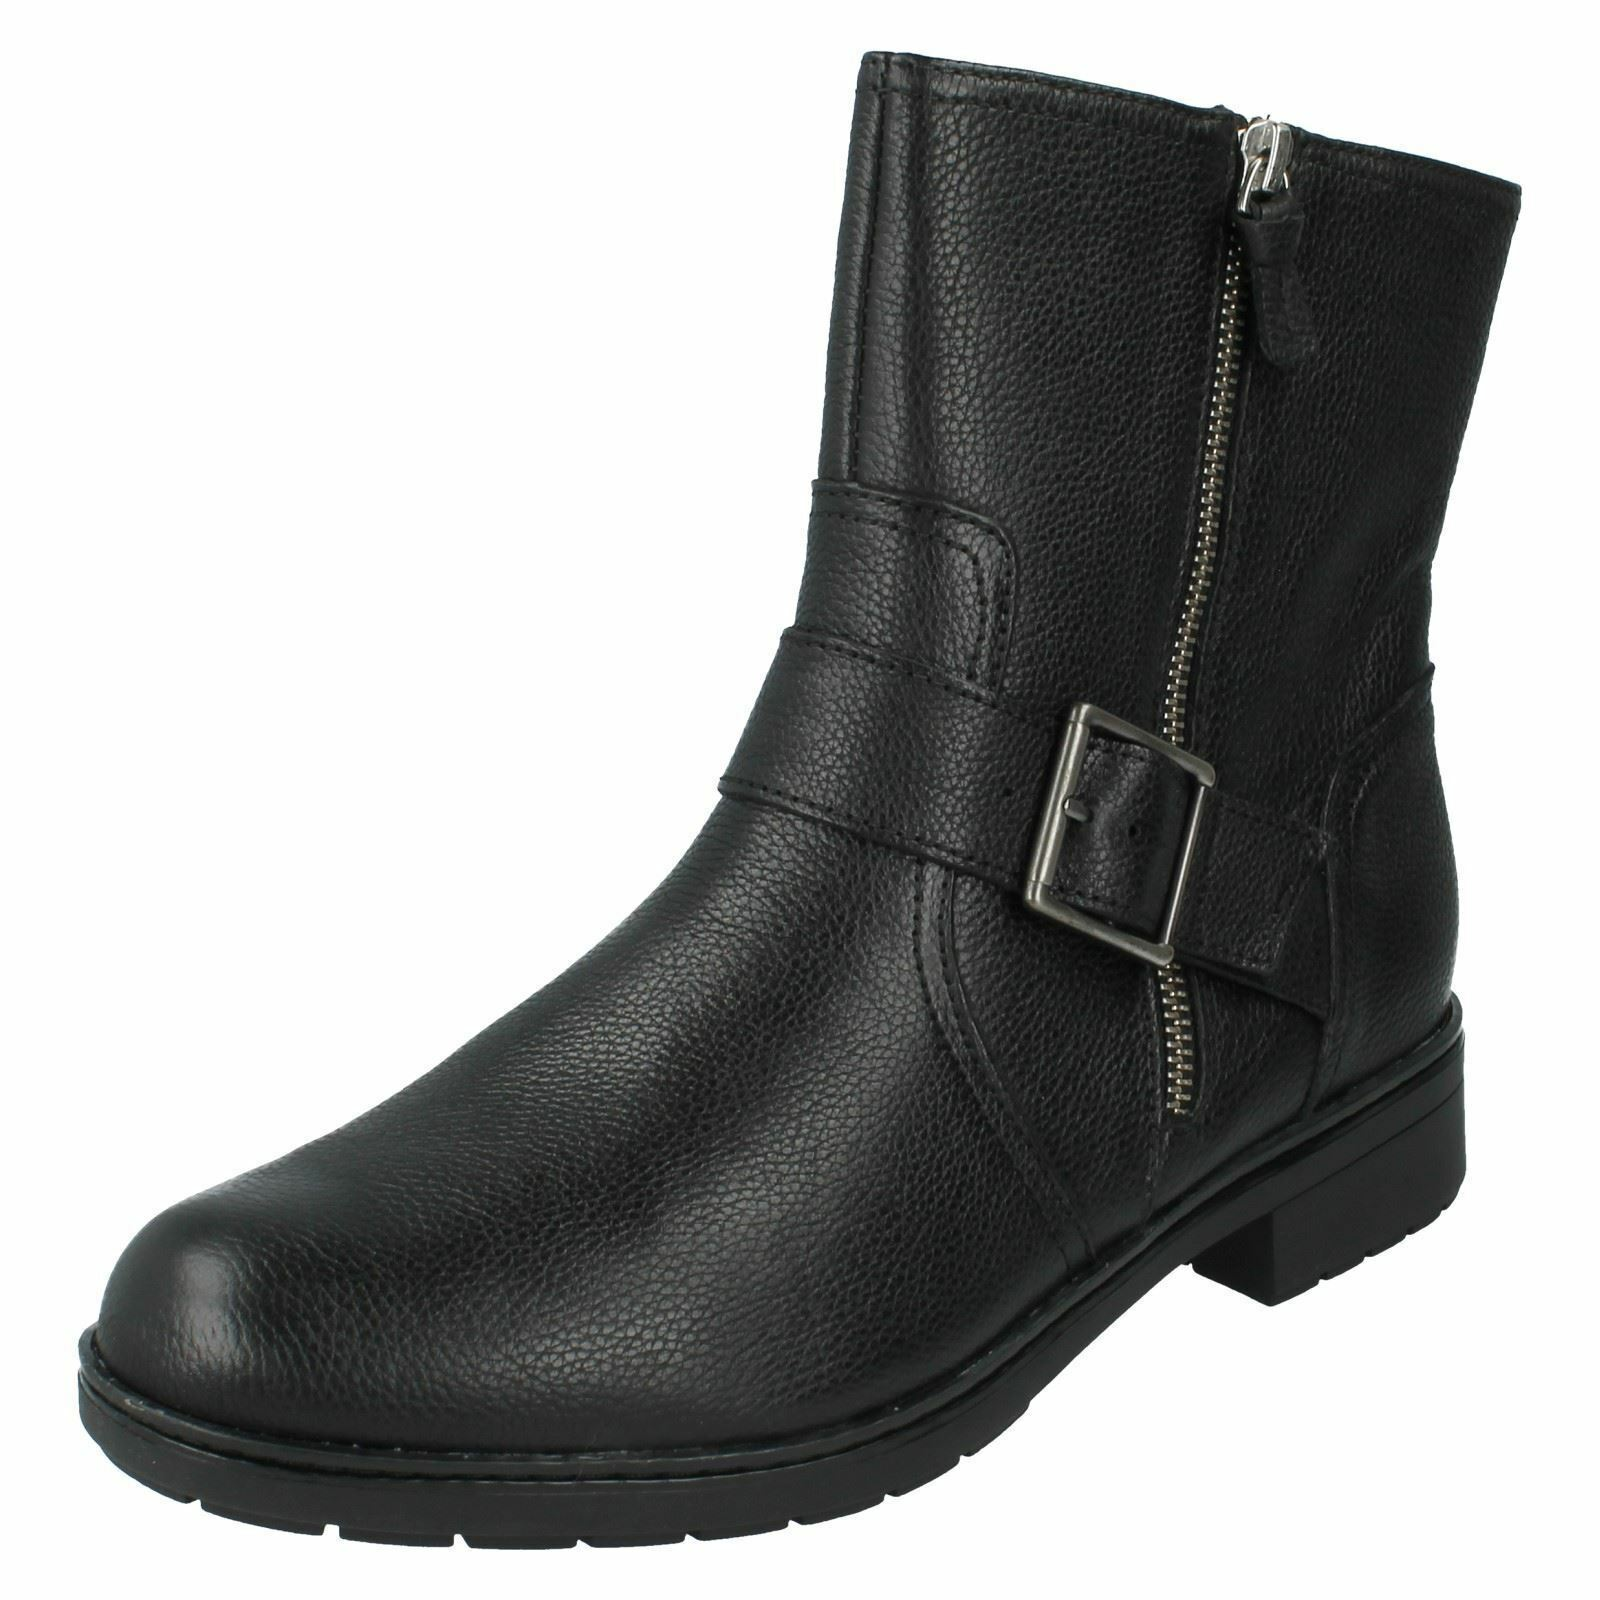 Damas Clarks botas al tobillo-Merrian Lynn